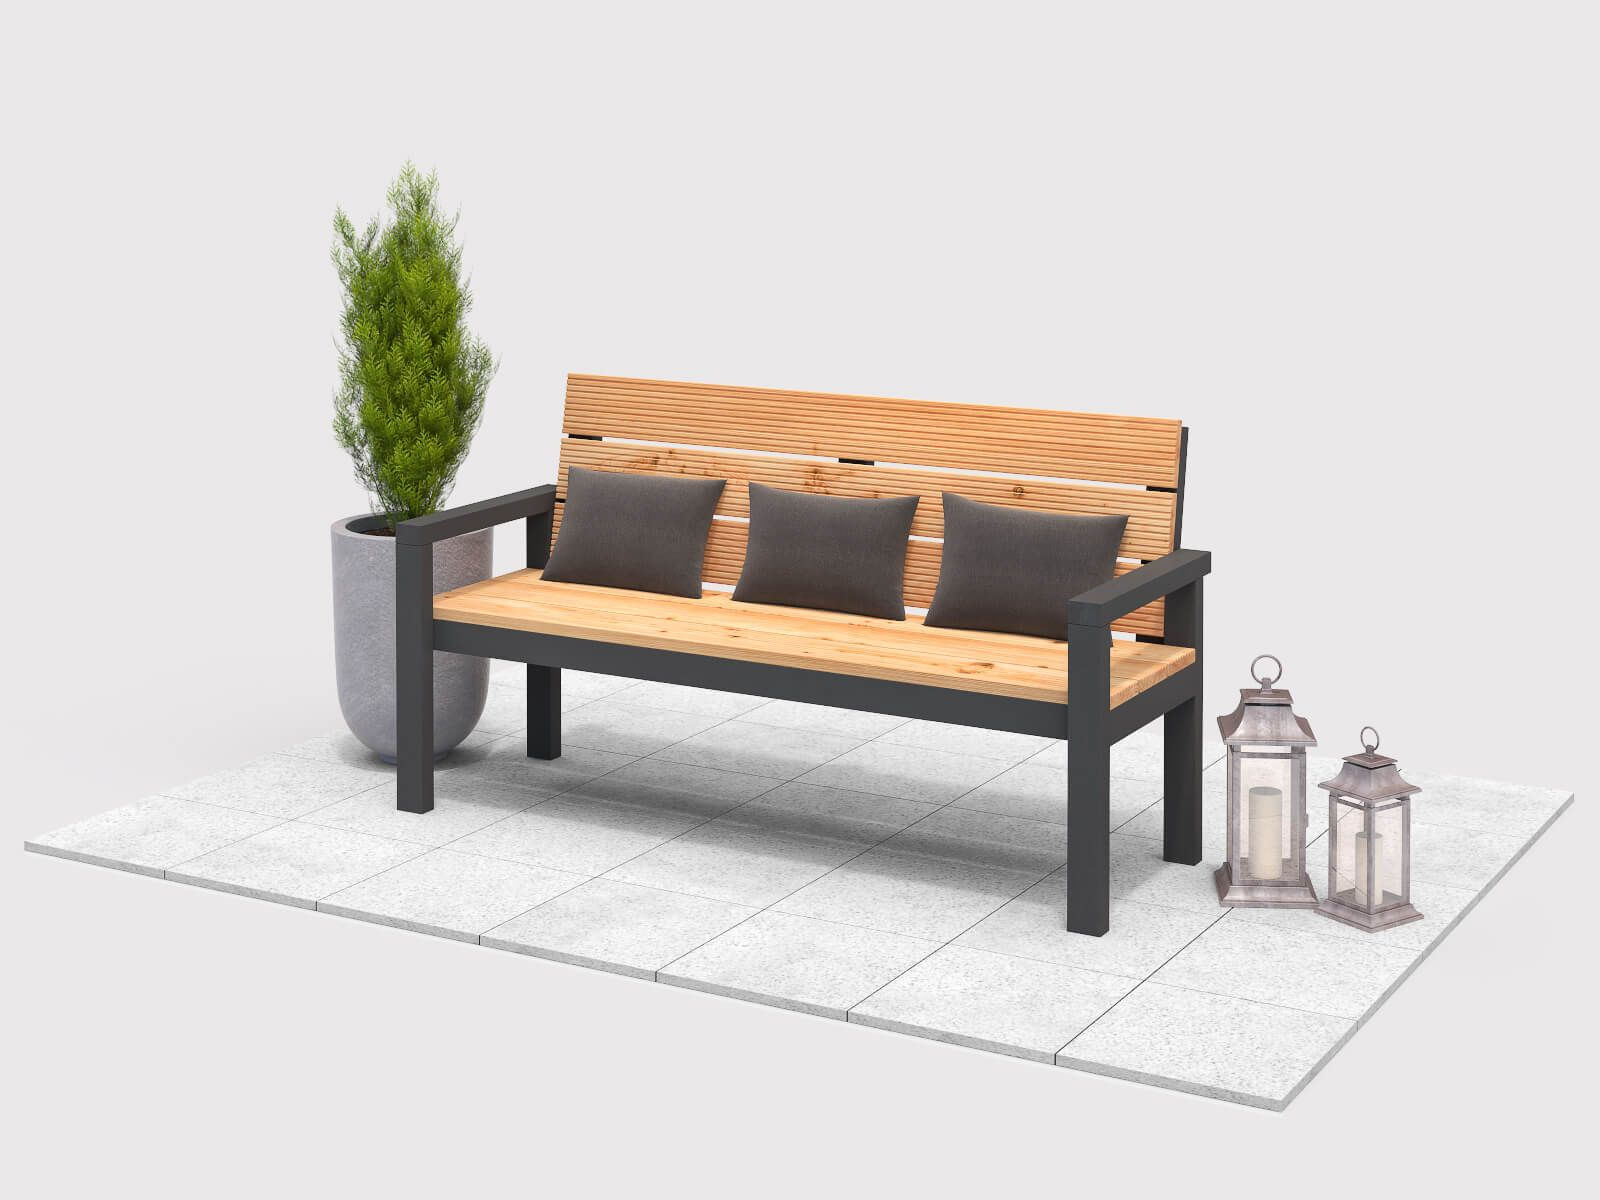 Gartenbank Georg Create By Obi Gartenbank Gartenbank Selber Bauen Gartenmobel Sets